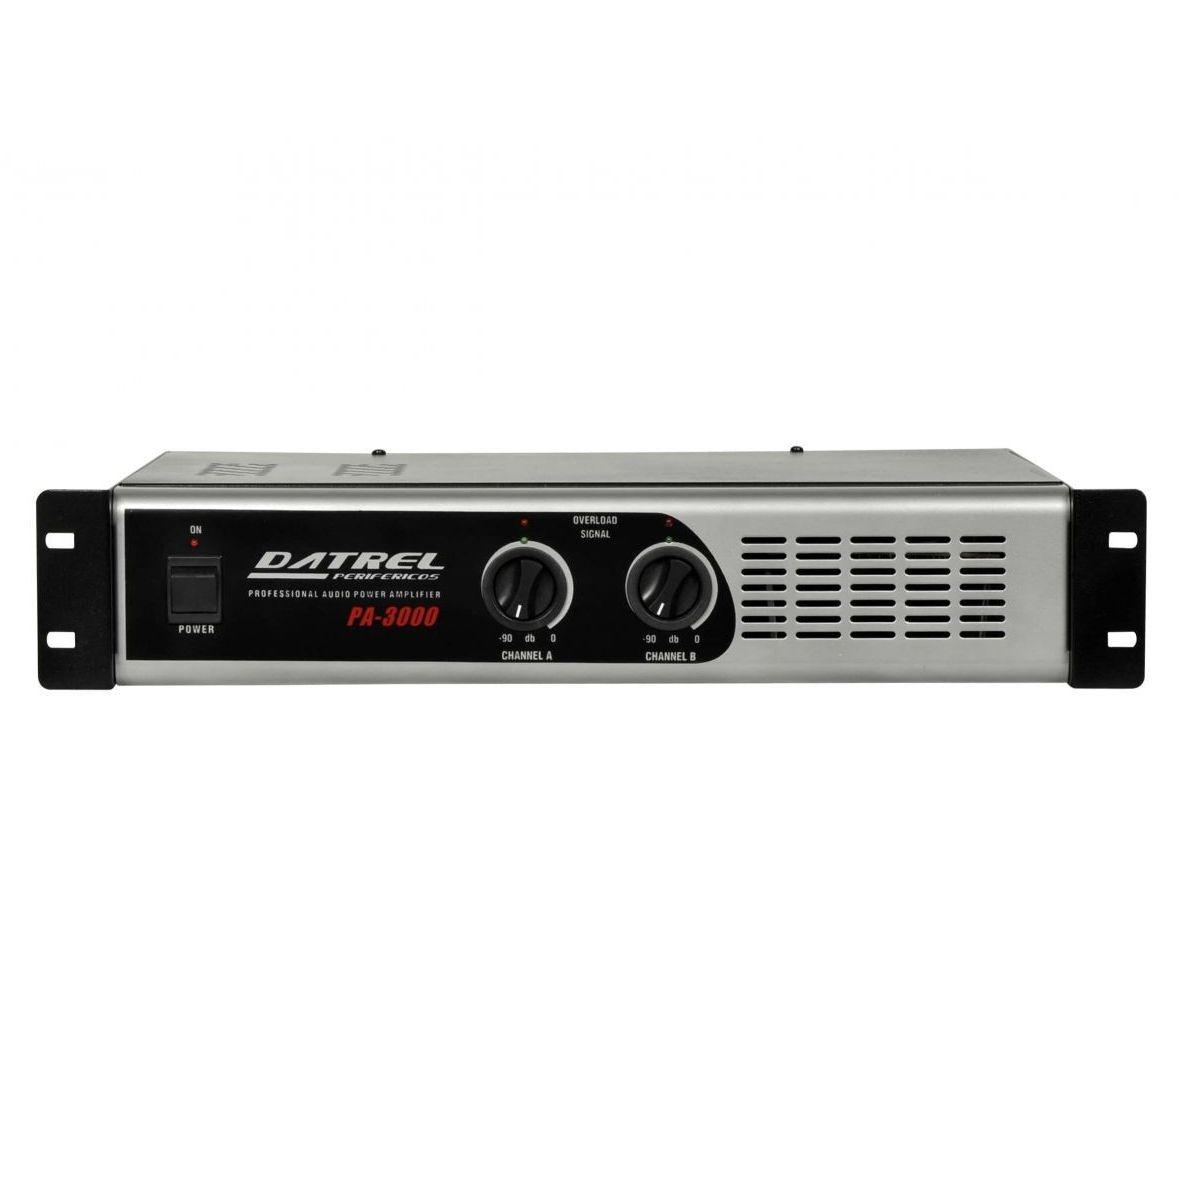 Amplificador Datrel PA3000 400w